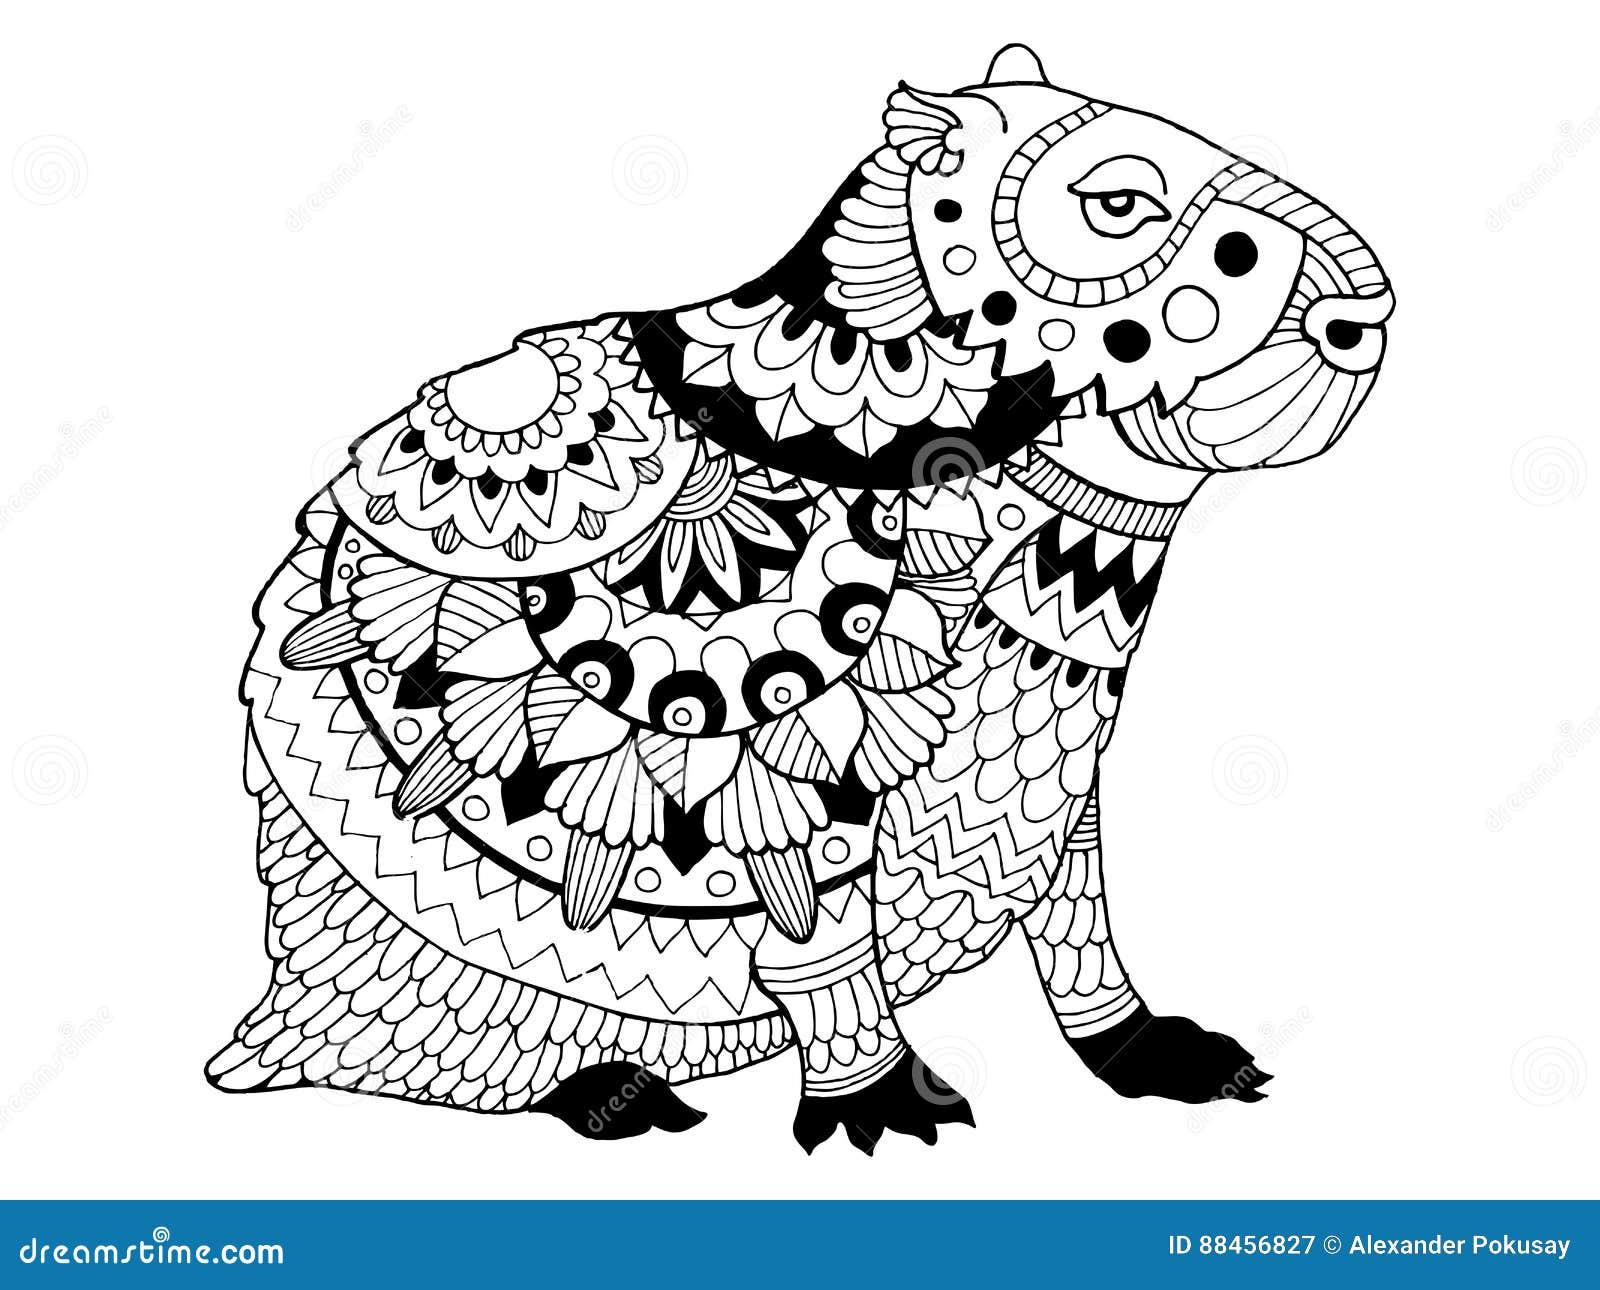 Capybara Coloring Book Vector Illustration Stock Vector ...